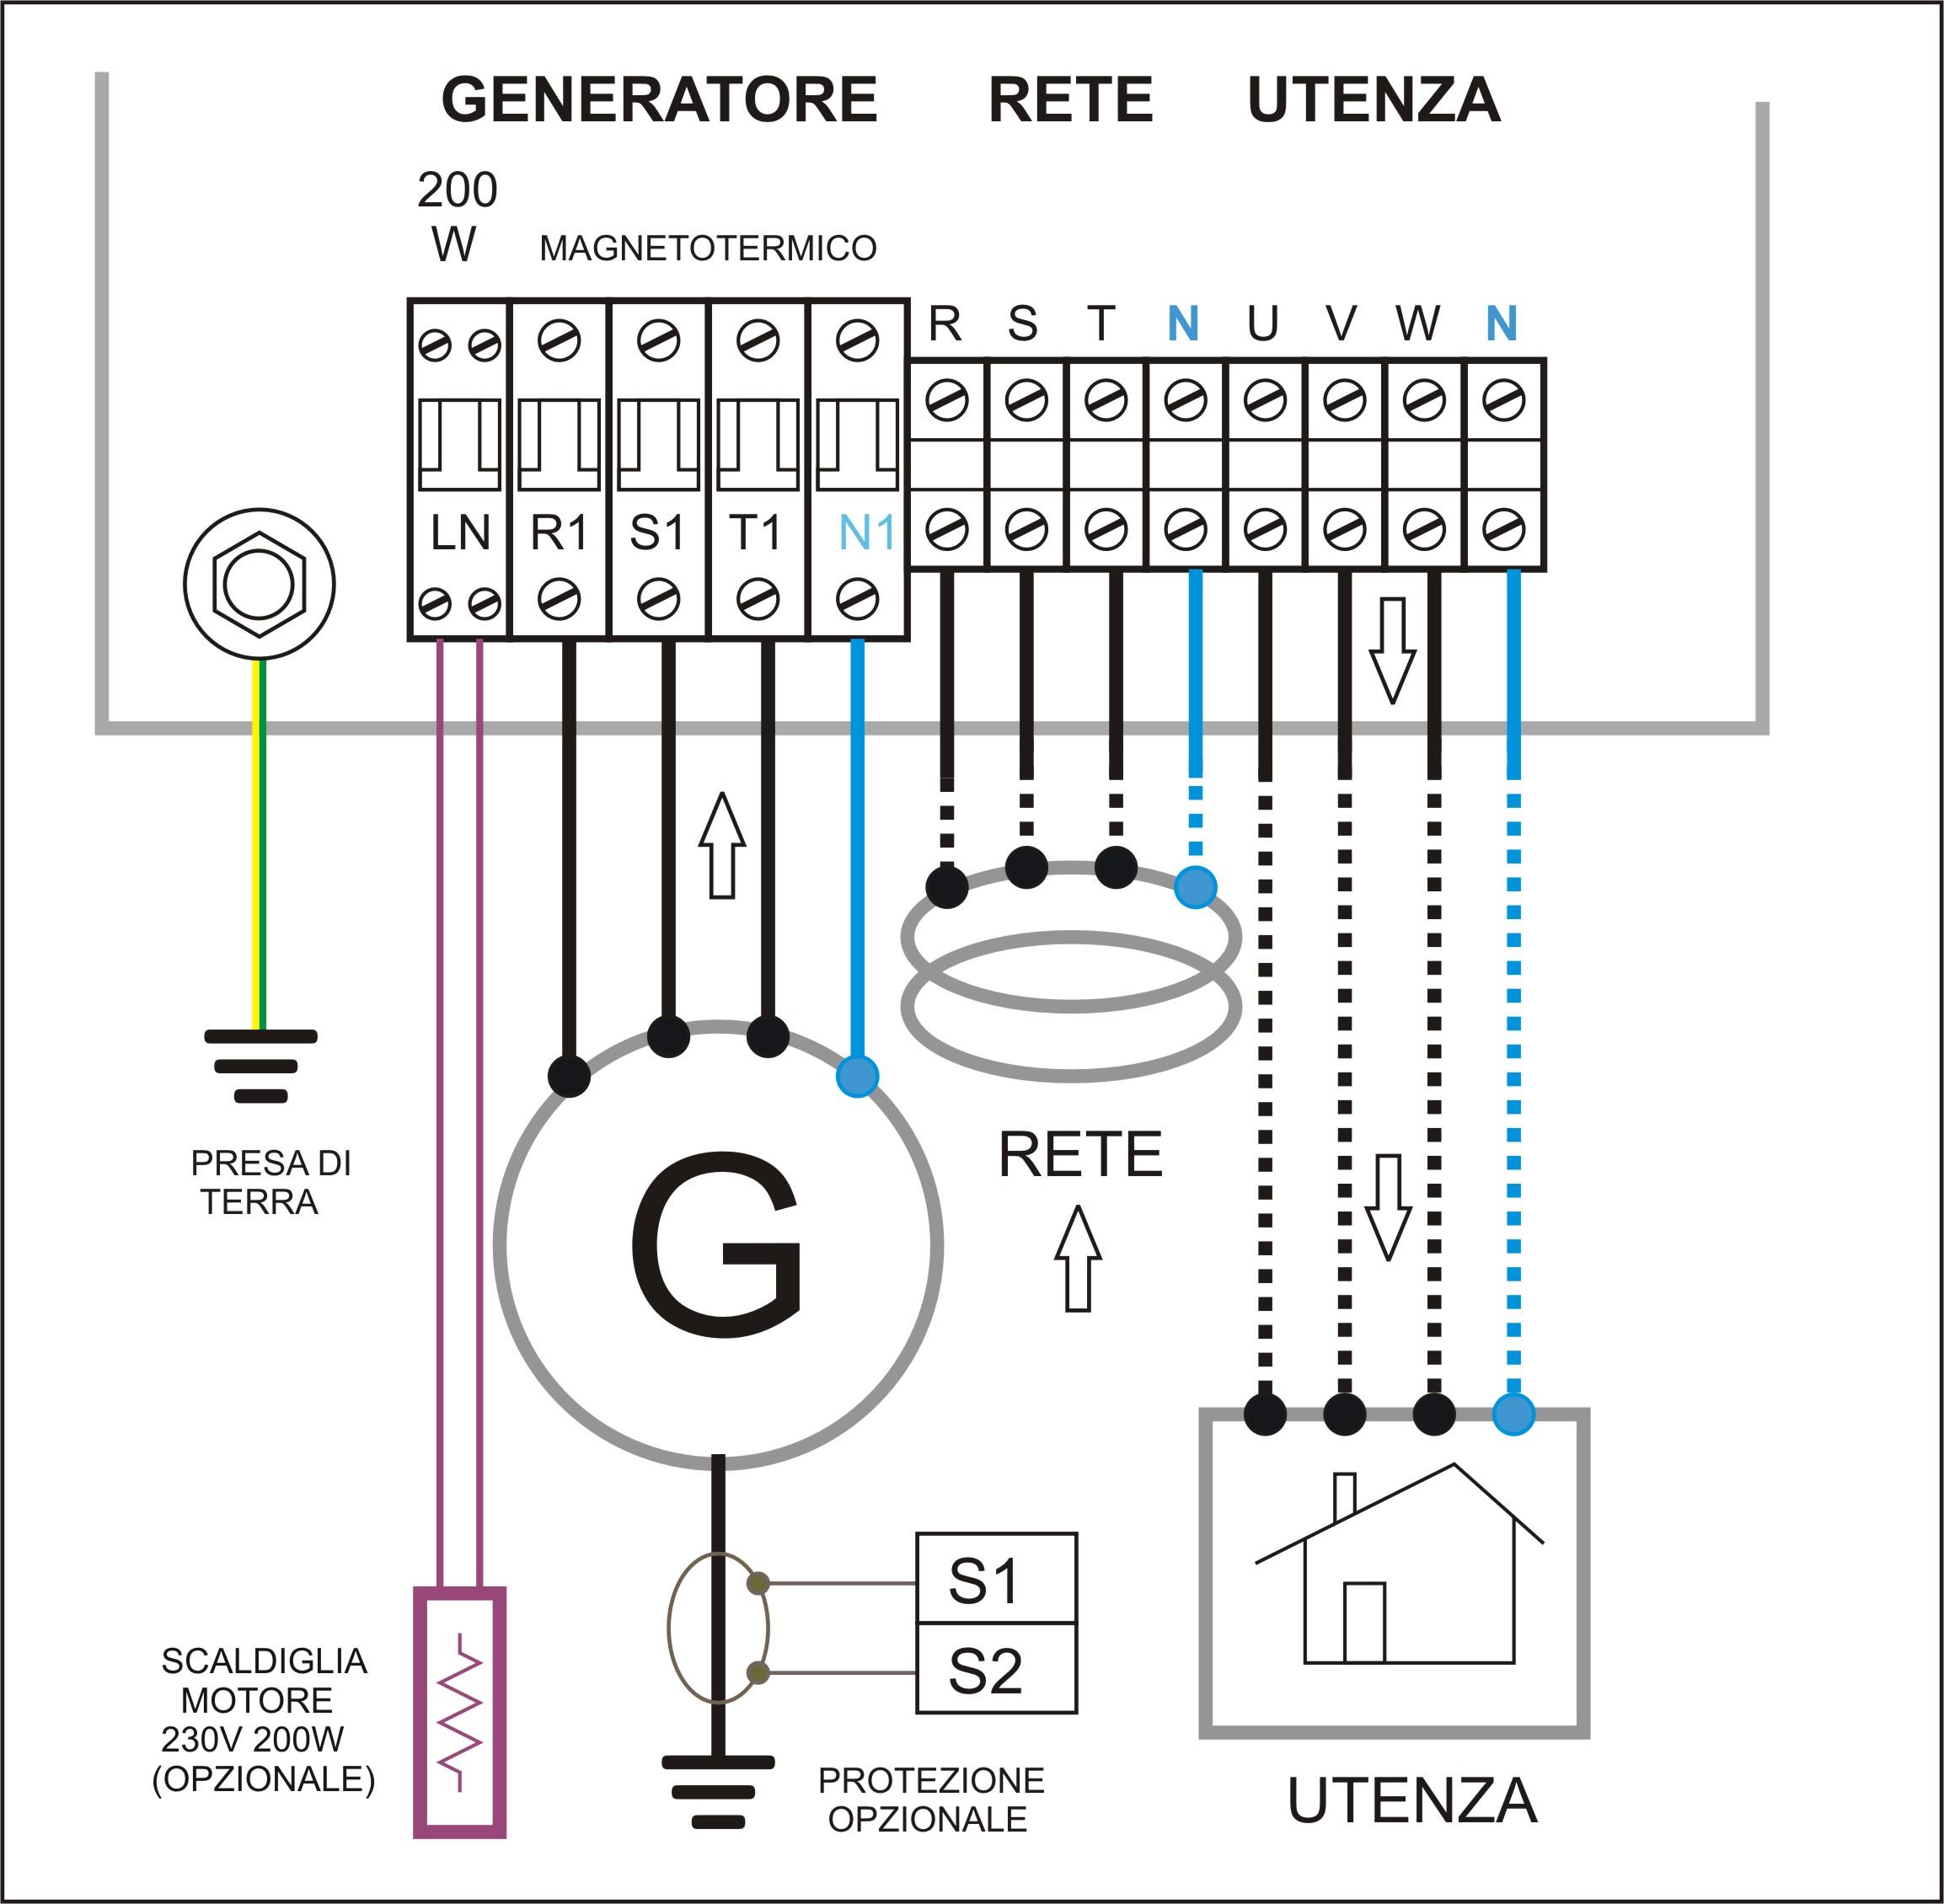 ollegamento Quadro Automatico Gruppo Elettrogeno 80 kVA